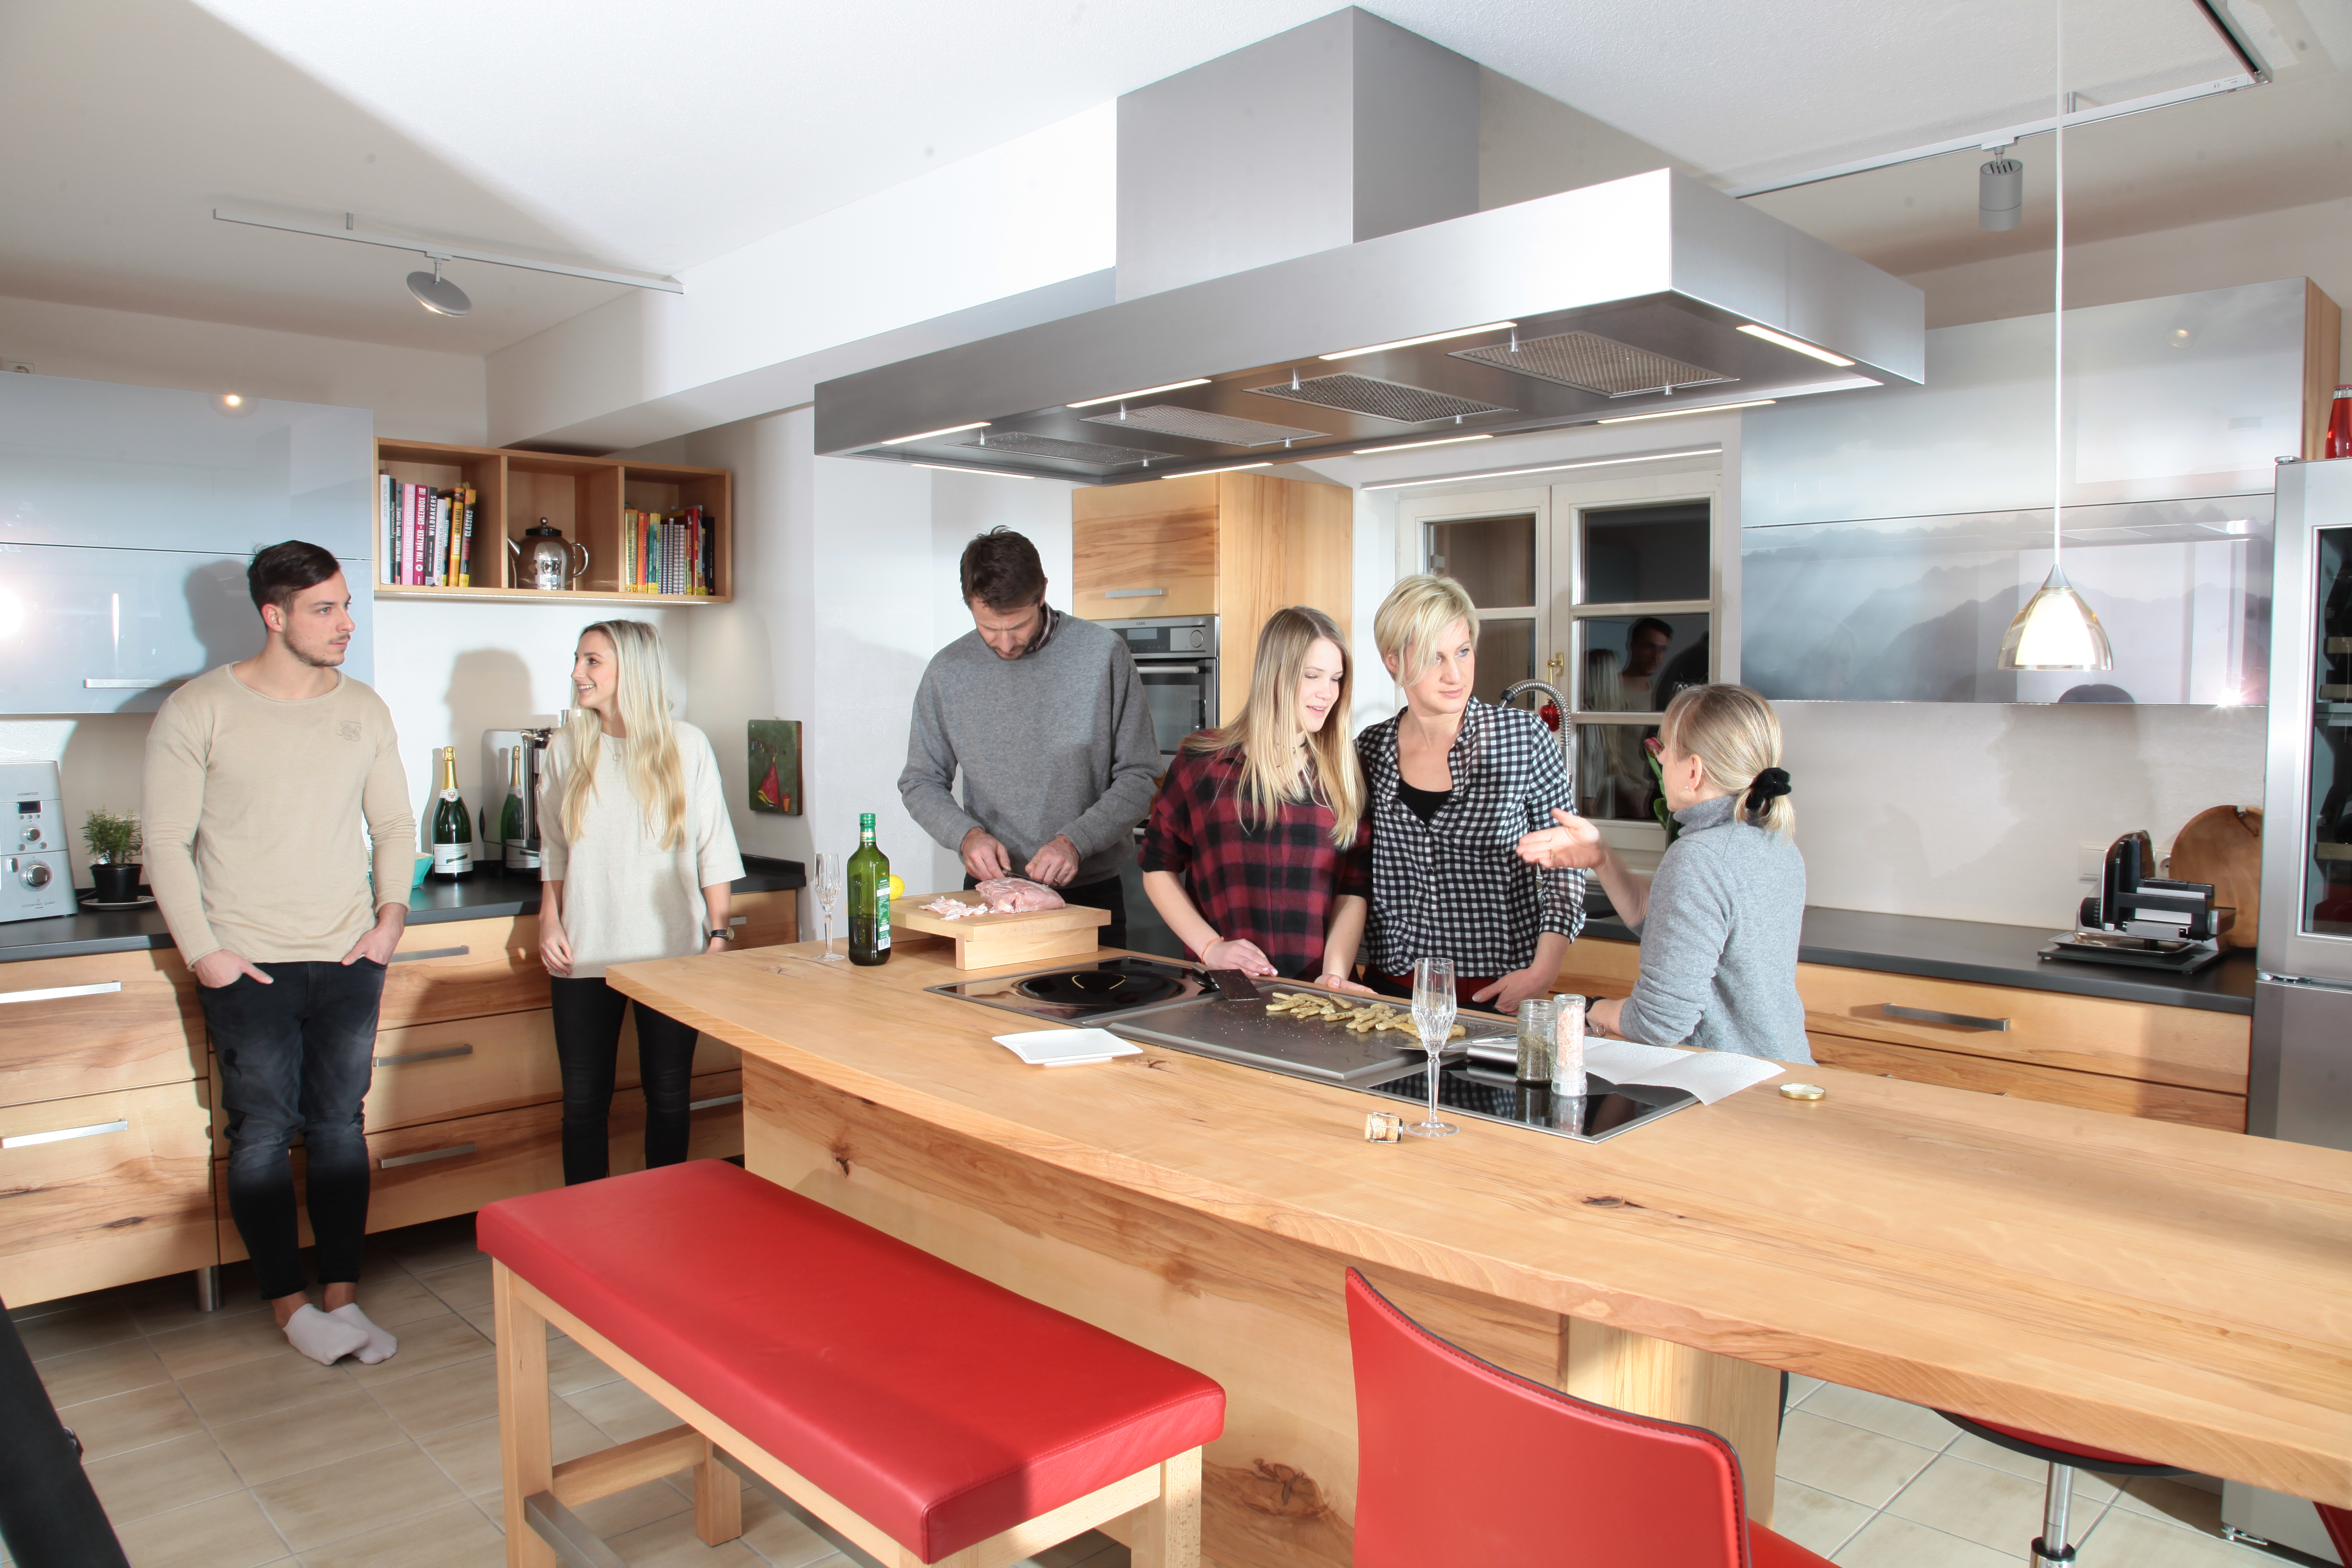 Die Küche zum Kochen Archive - Das Nachhaltigkeitsblog der Möbelmacher